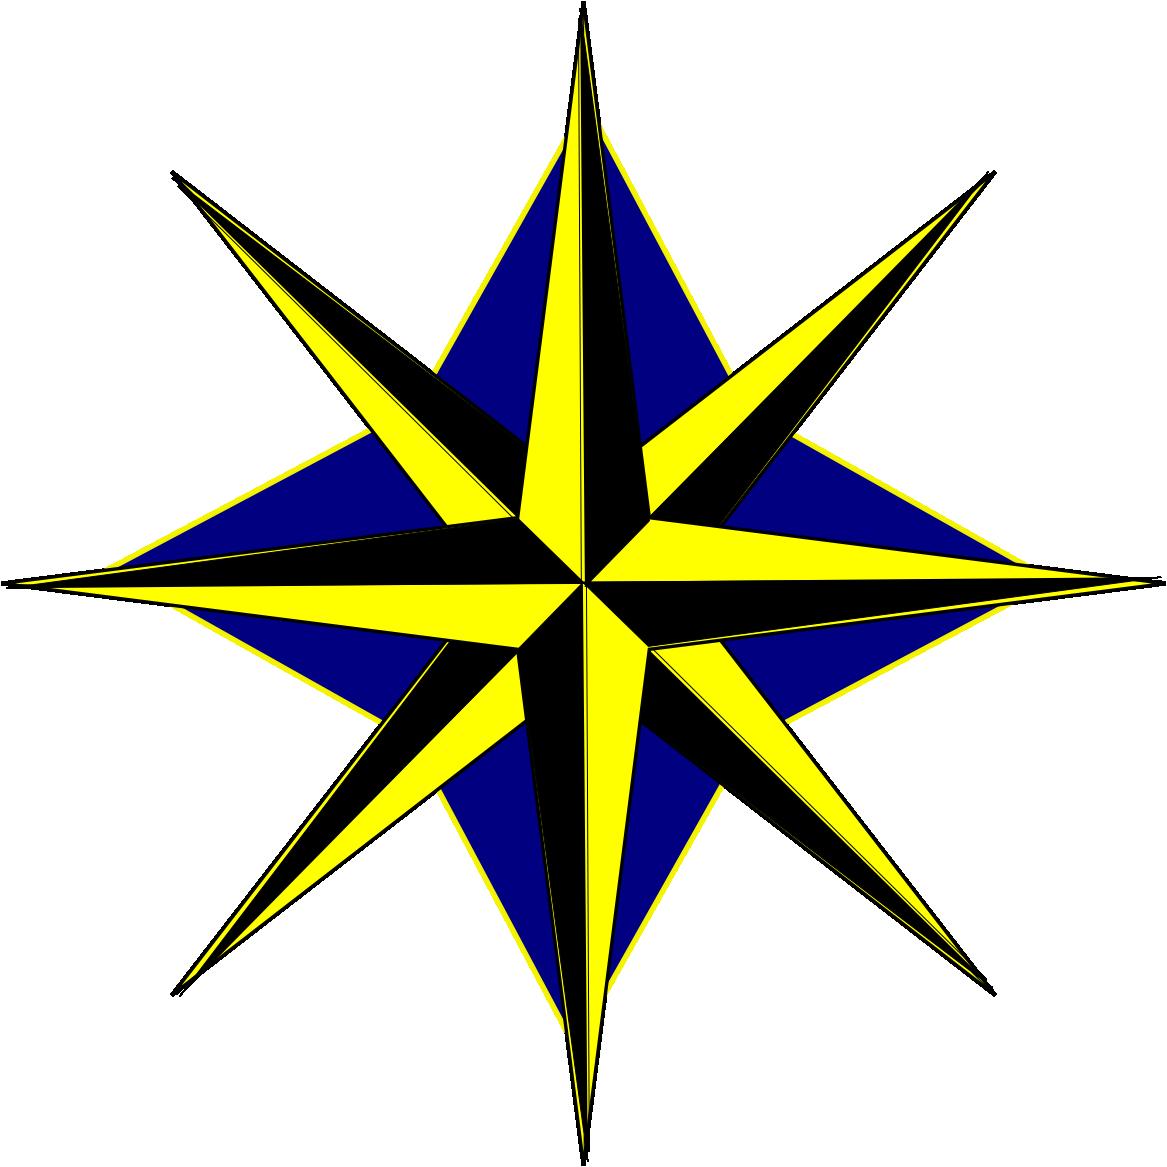 Compass Rose Clip Art - ClipArt Best